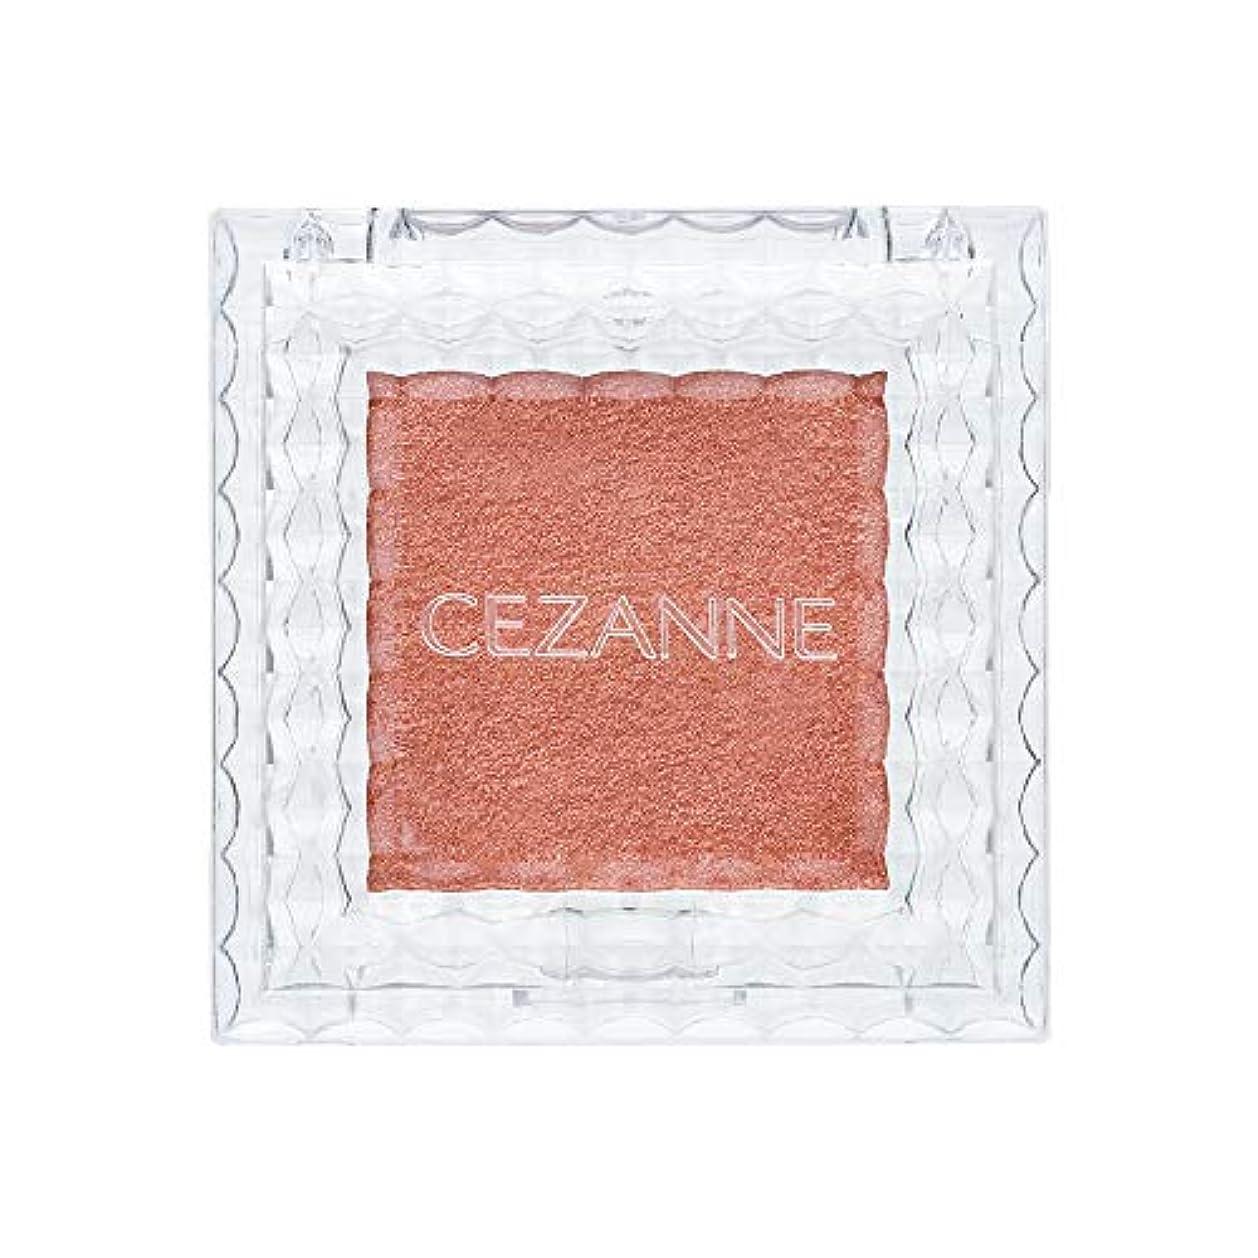 重要最高実験セザンヌ シングルカラーアイシャドウ 06 オレンジブラウン 1.0g